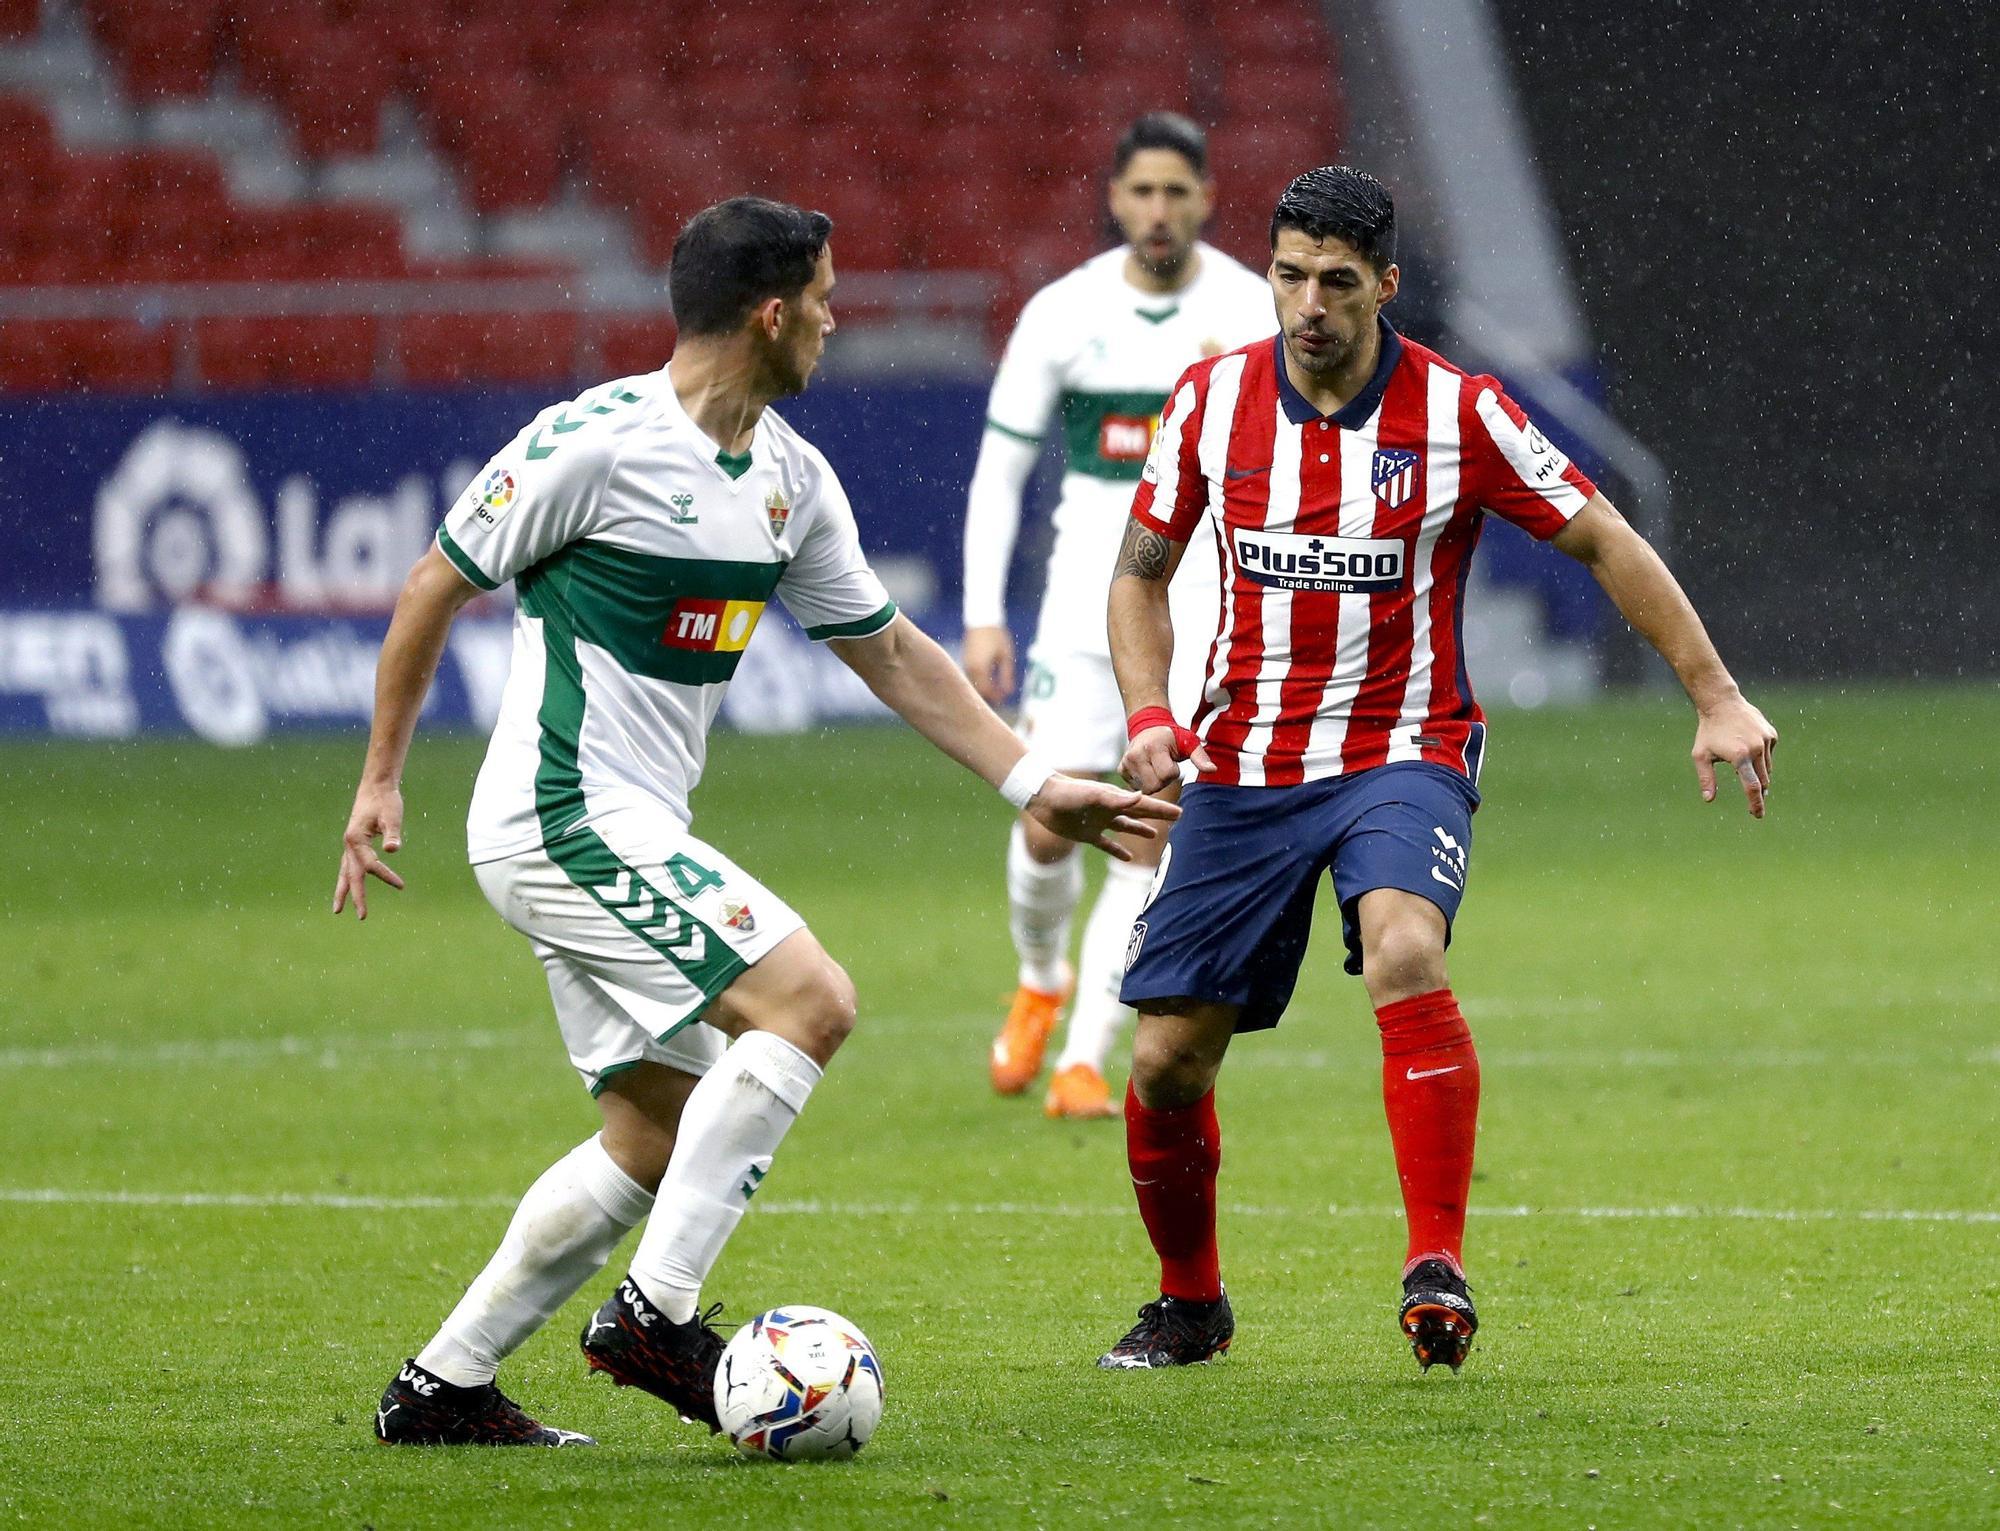 Atlético - Elche: Las imágenes del partido